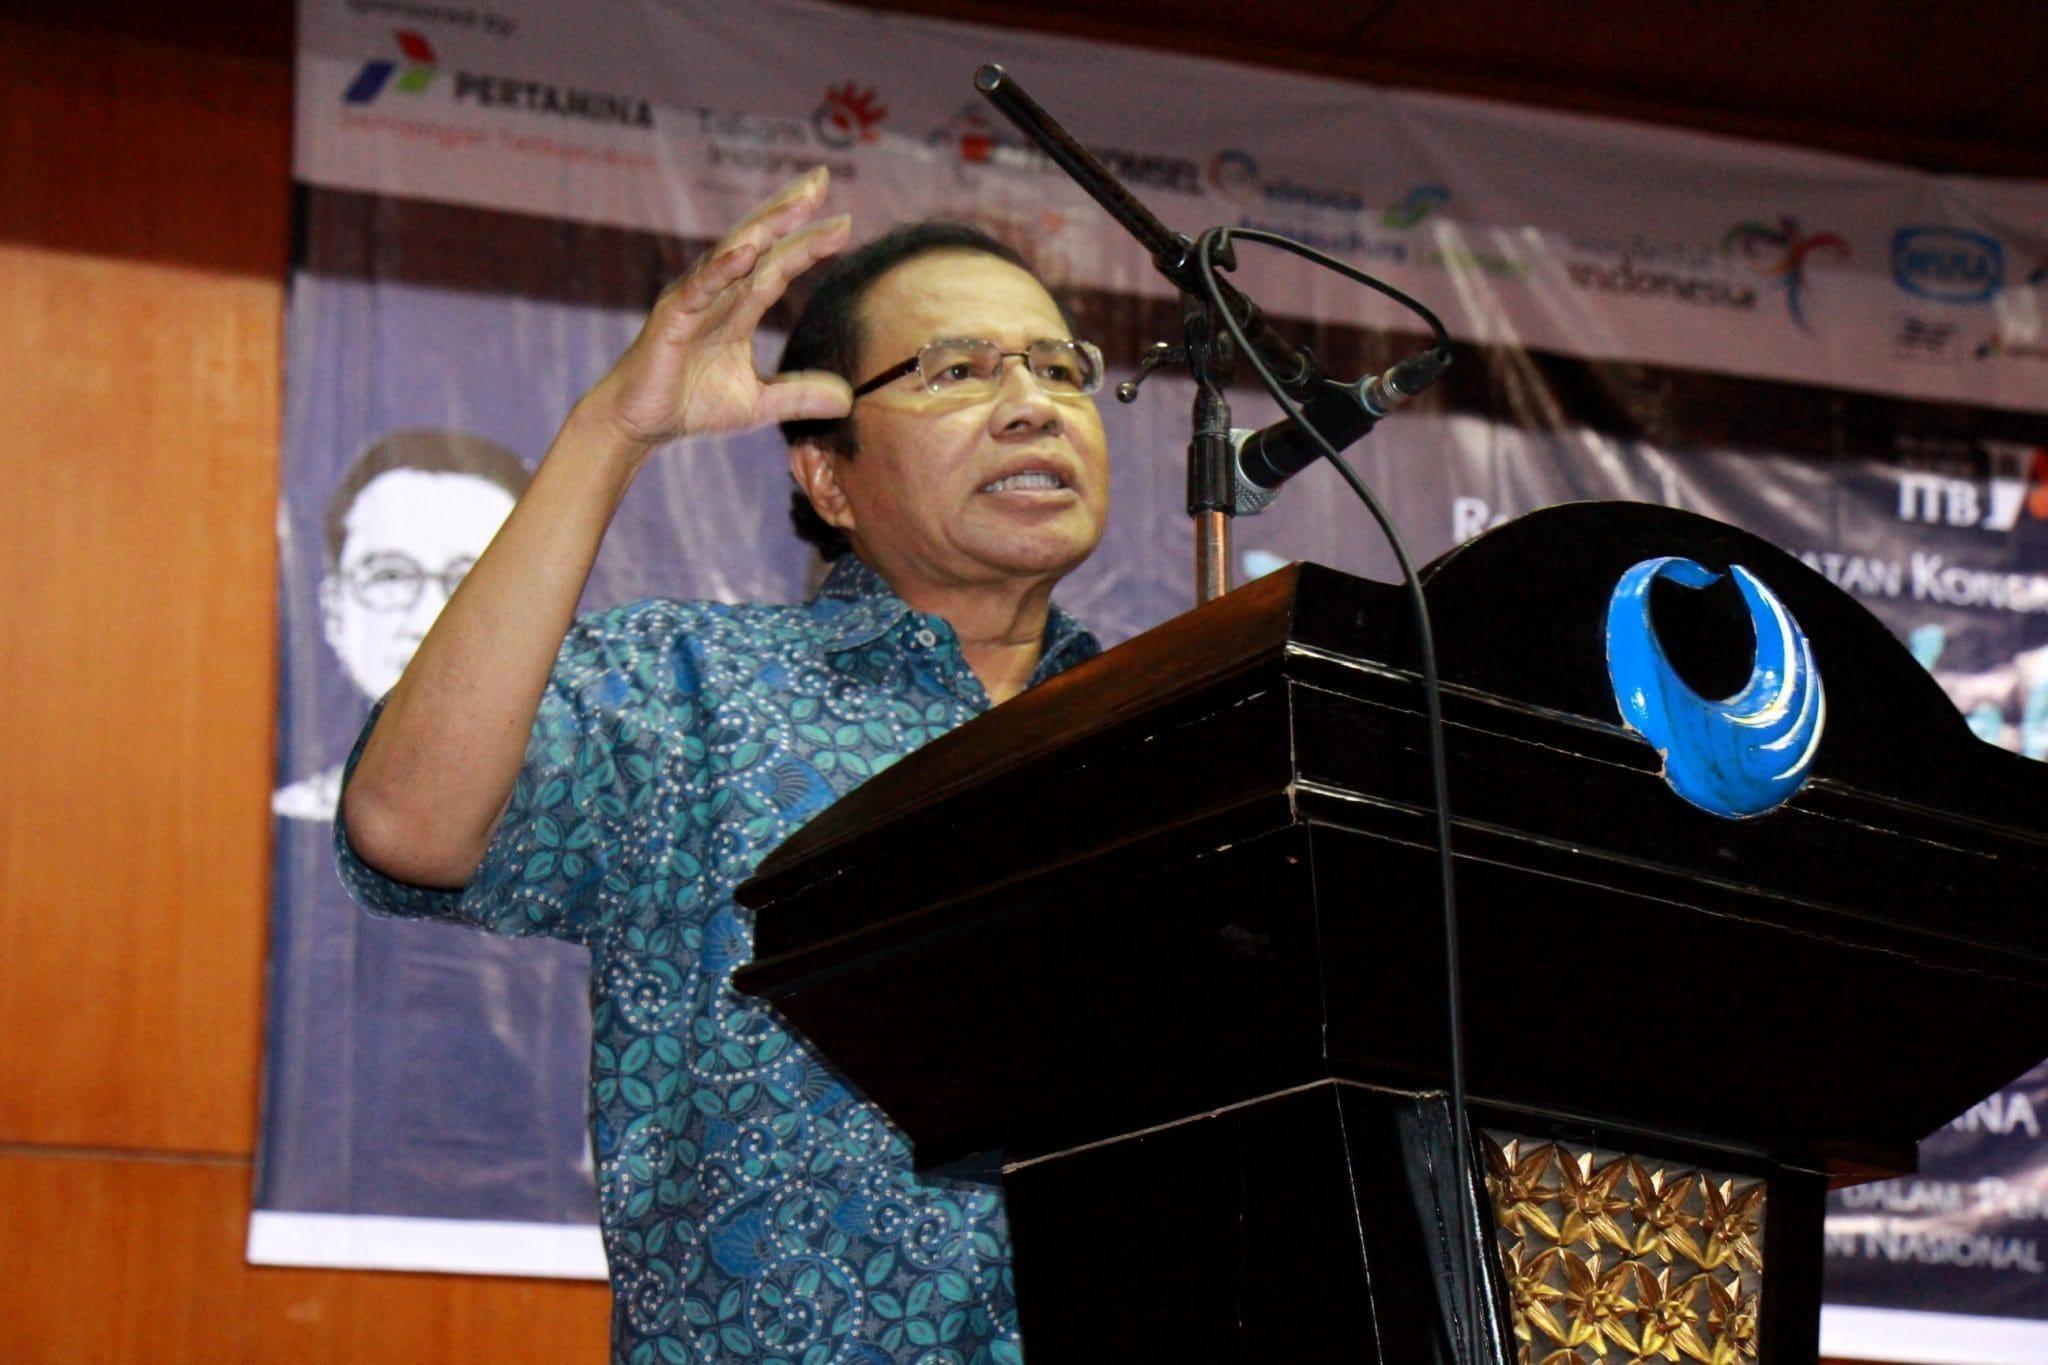 Menko_Maritim_dan_Sumber_Daya_Rizal_Ramli_Memberikan_Keynote_Sp